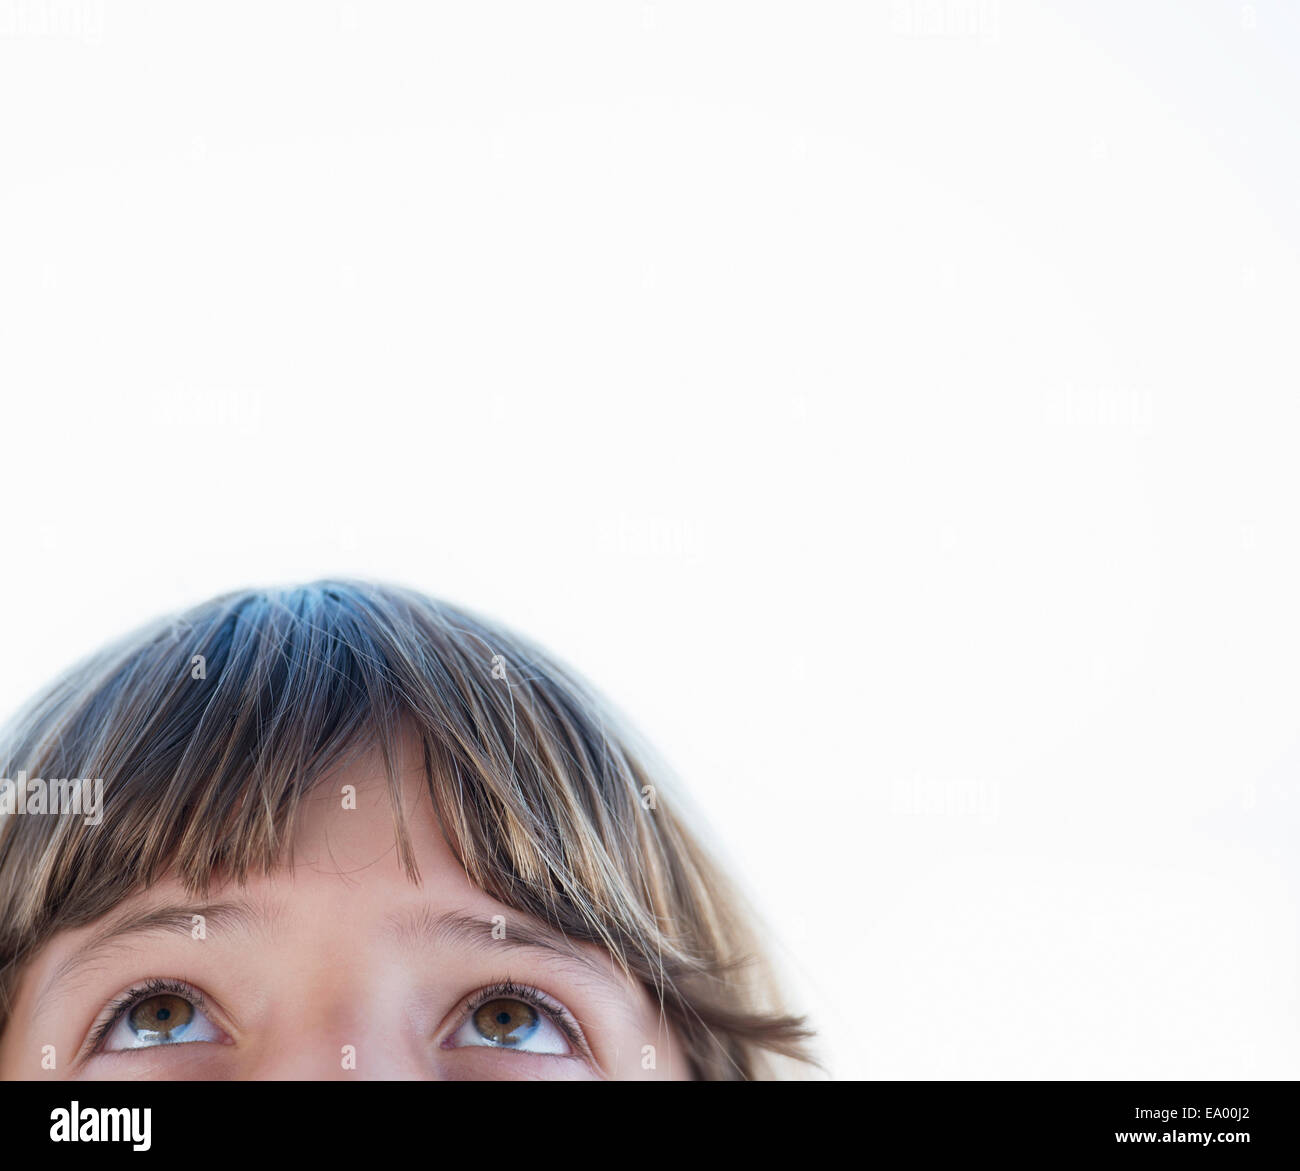 Cierre recortada retrato de niña mirando hacia arriba Imagen De Stock